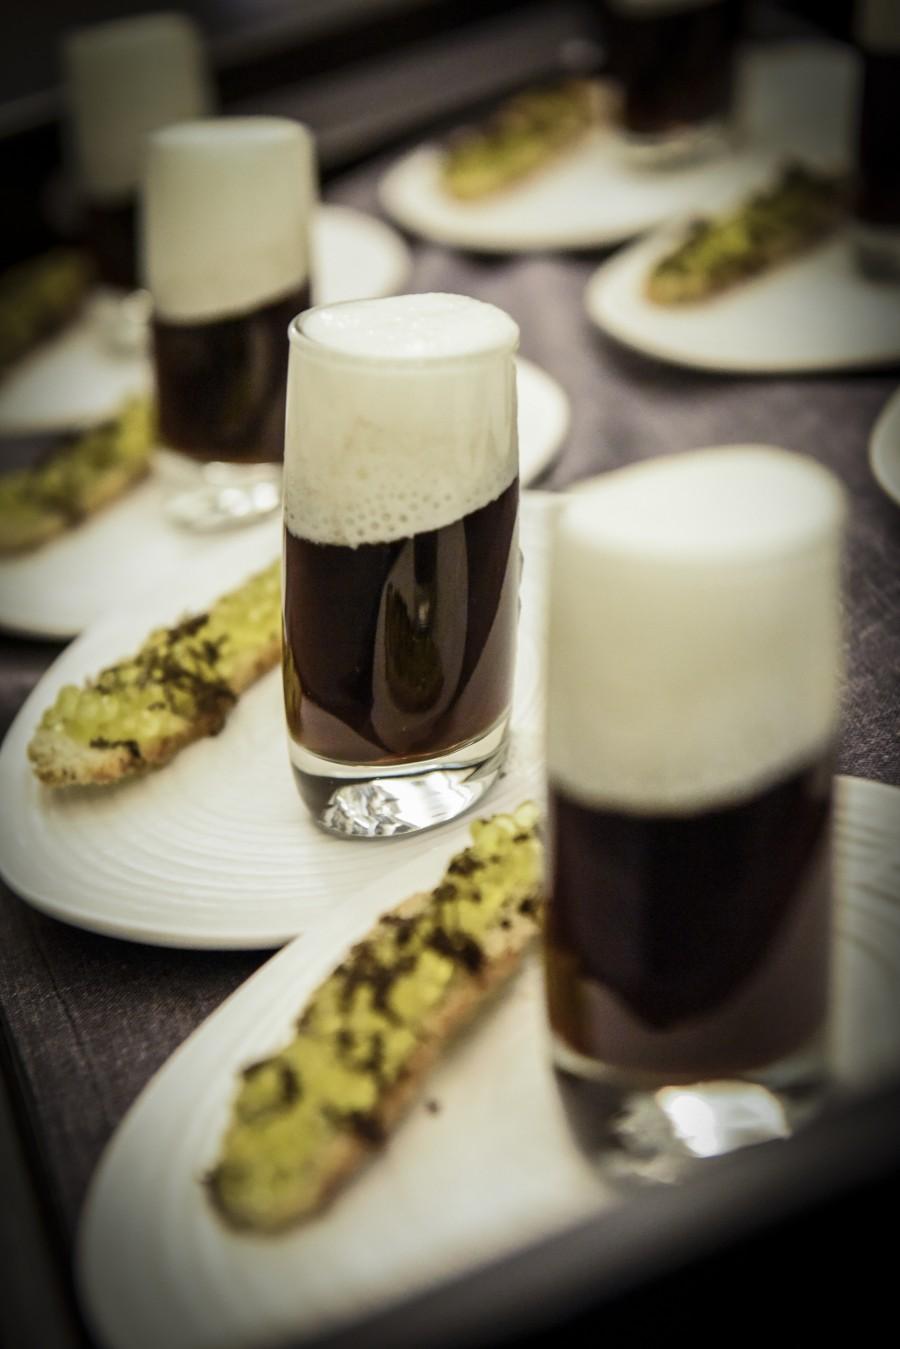 Guiness de setas con tosta de trufa La Trufería y Caviaroli de arbequina